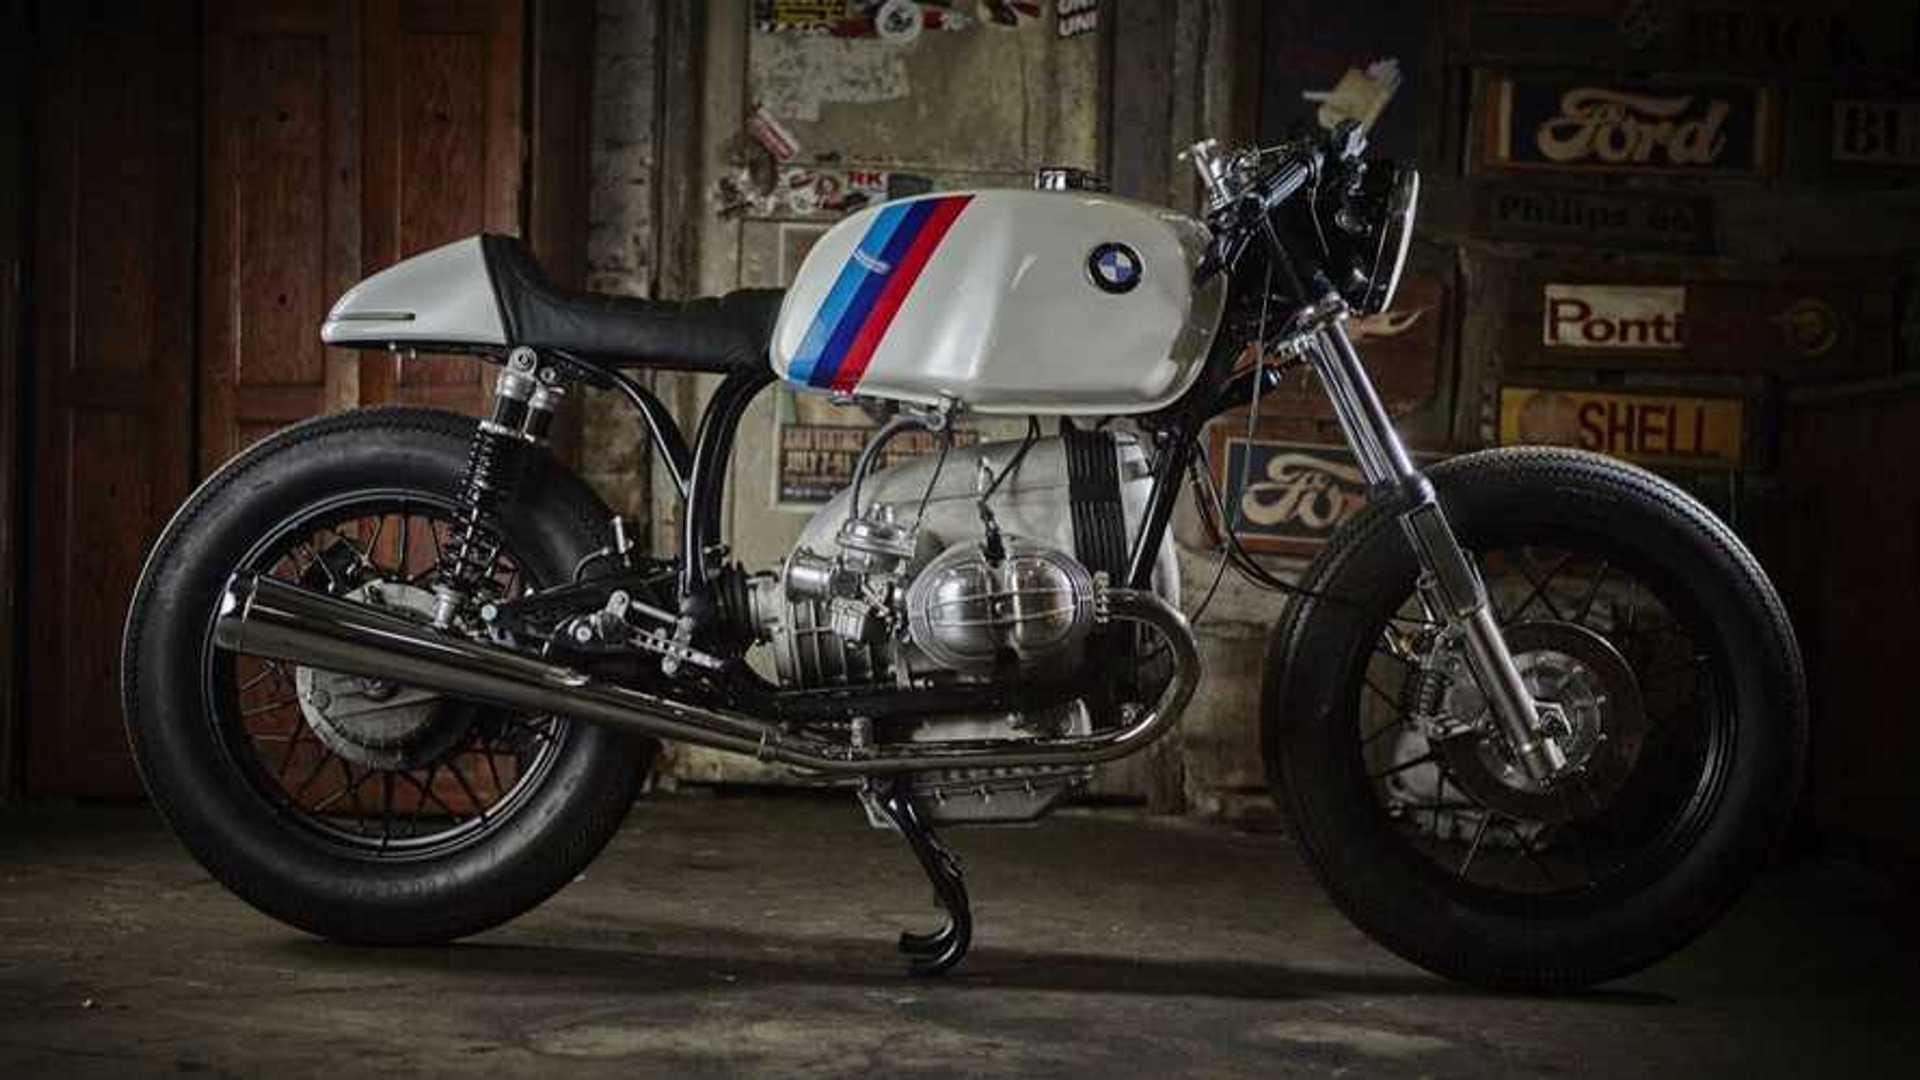 86 Gear Custom Bmw R100 Rt Cafe Racer